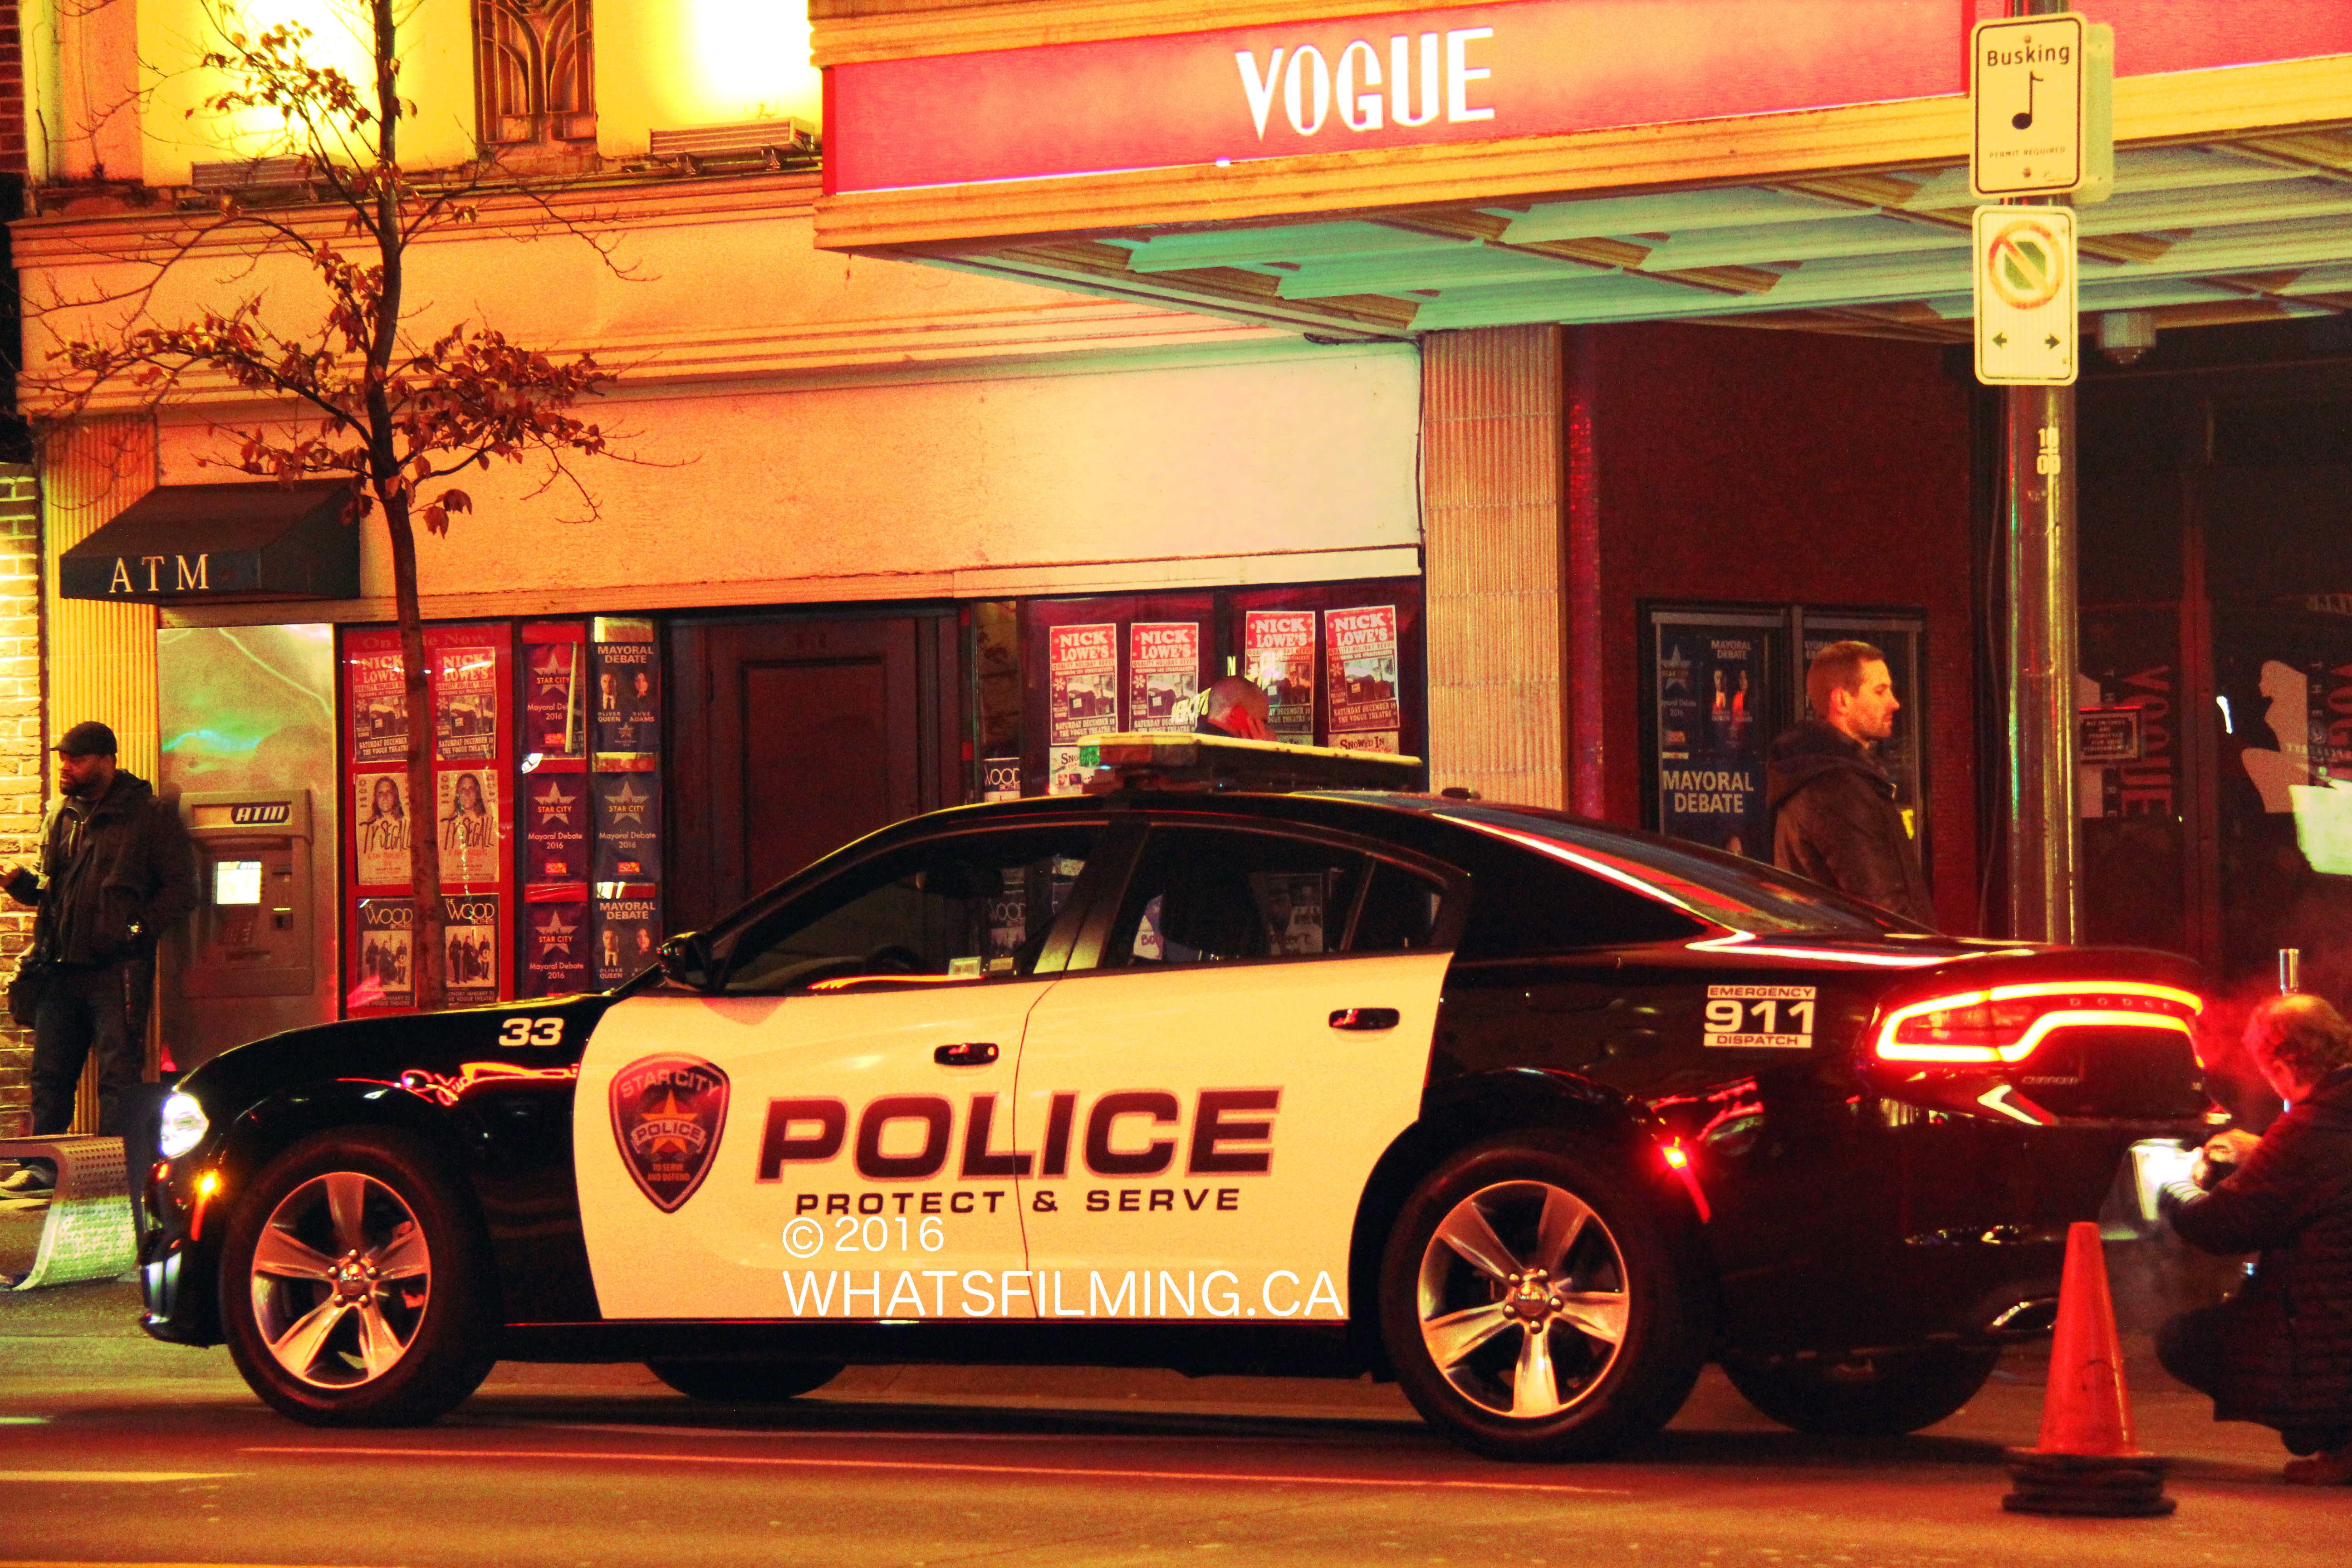 Arrow Filming at Vogue Theatre